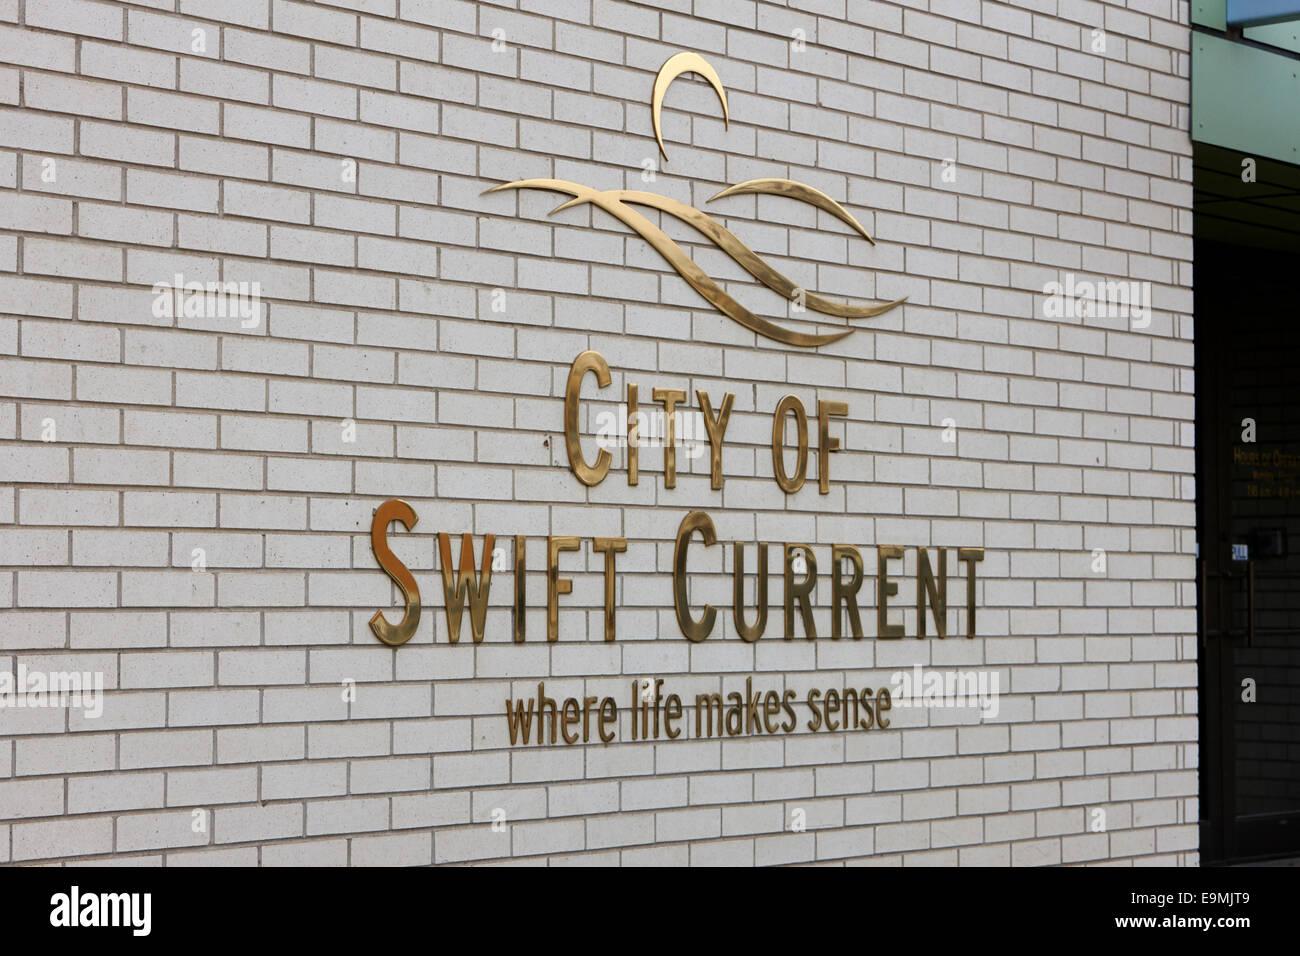 Ville de Swift Current avec l'hôtel de ville où la vie a du sens de la Saskatchewan Canada logo Photo Stock